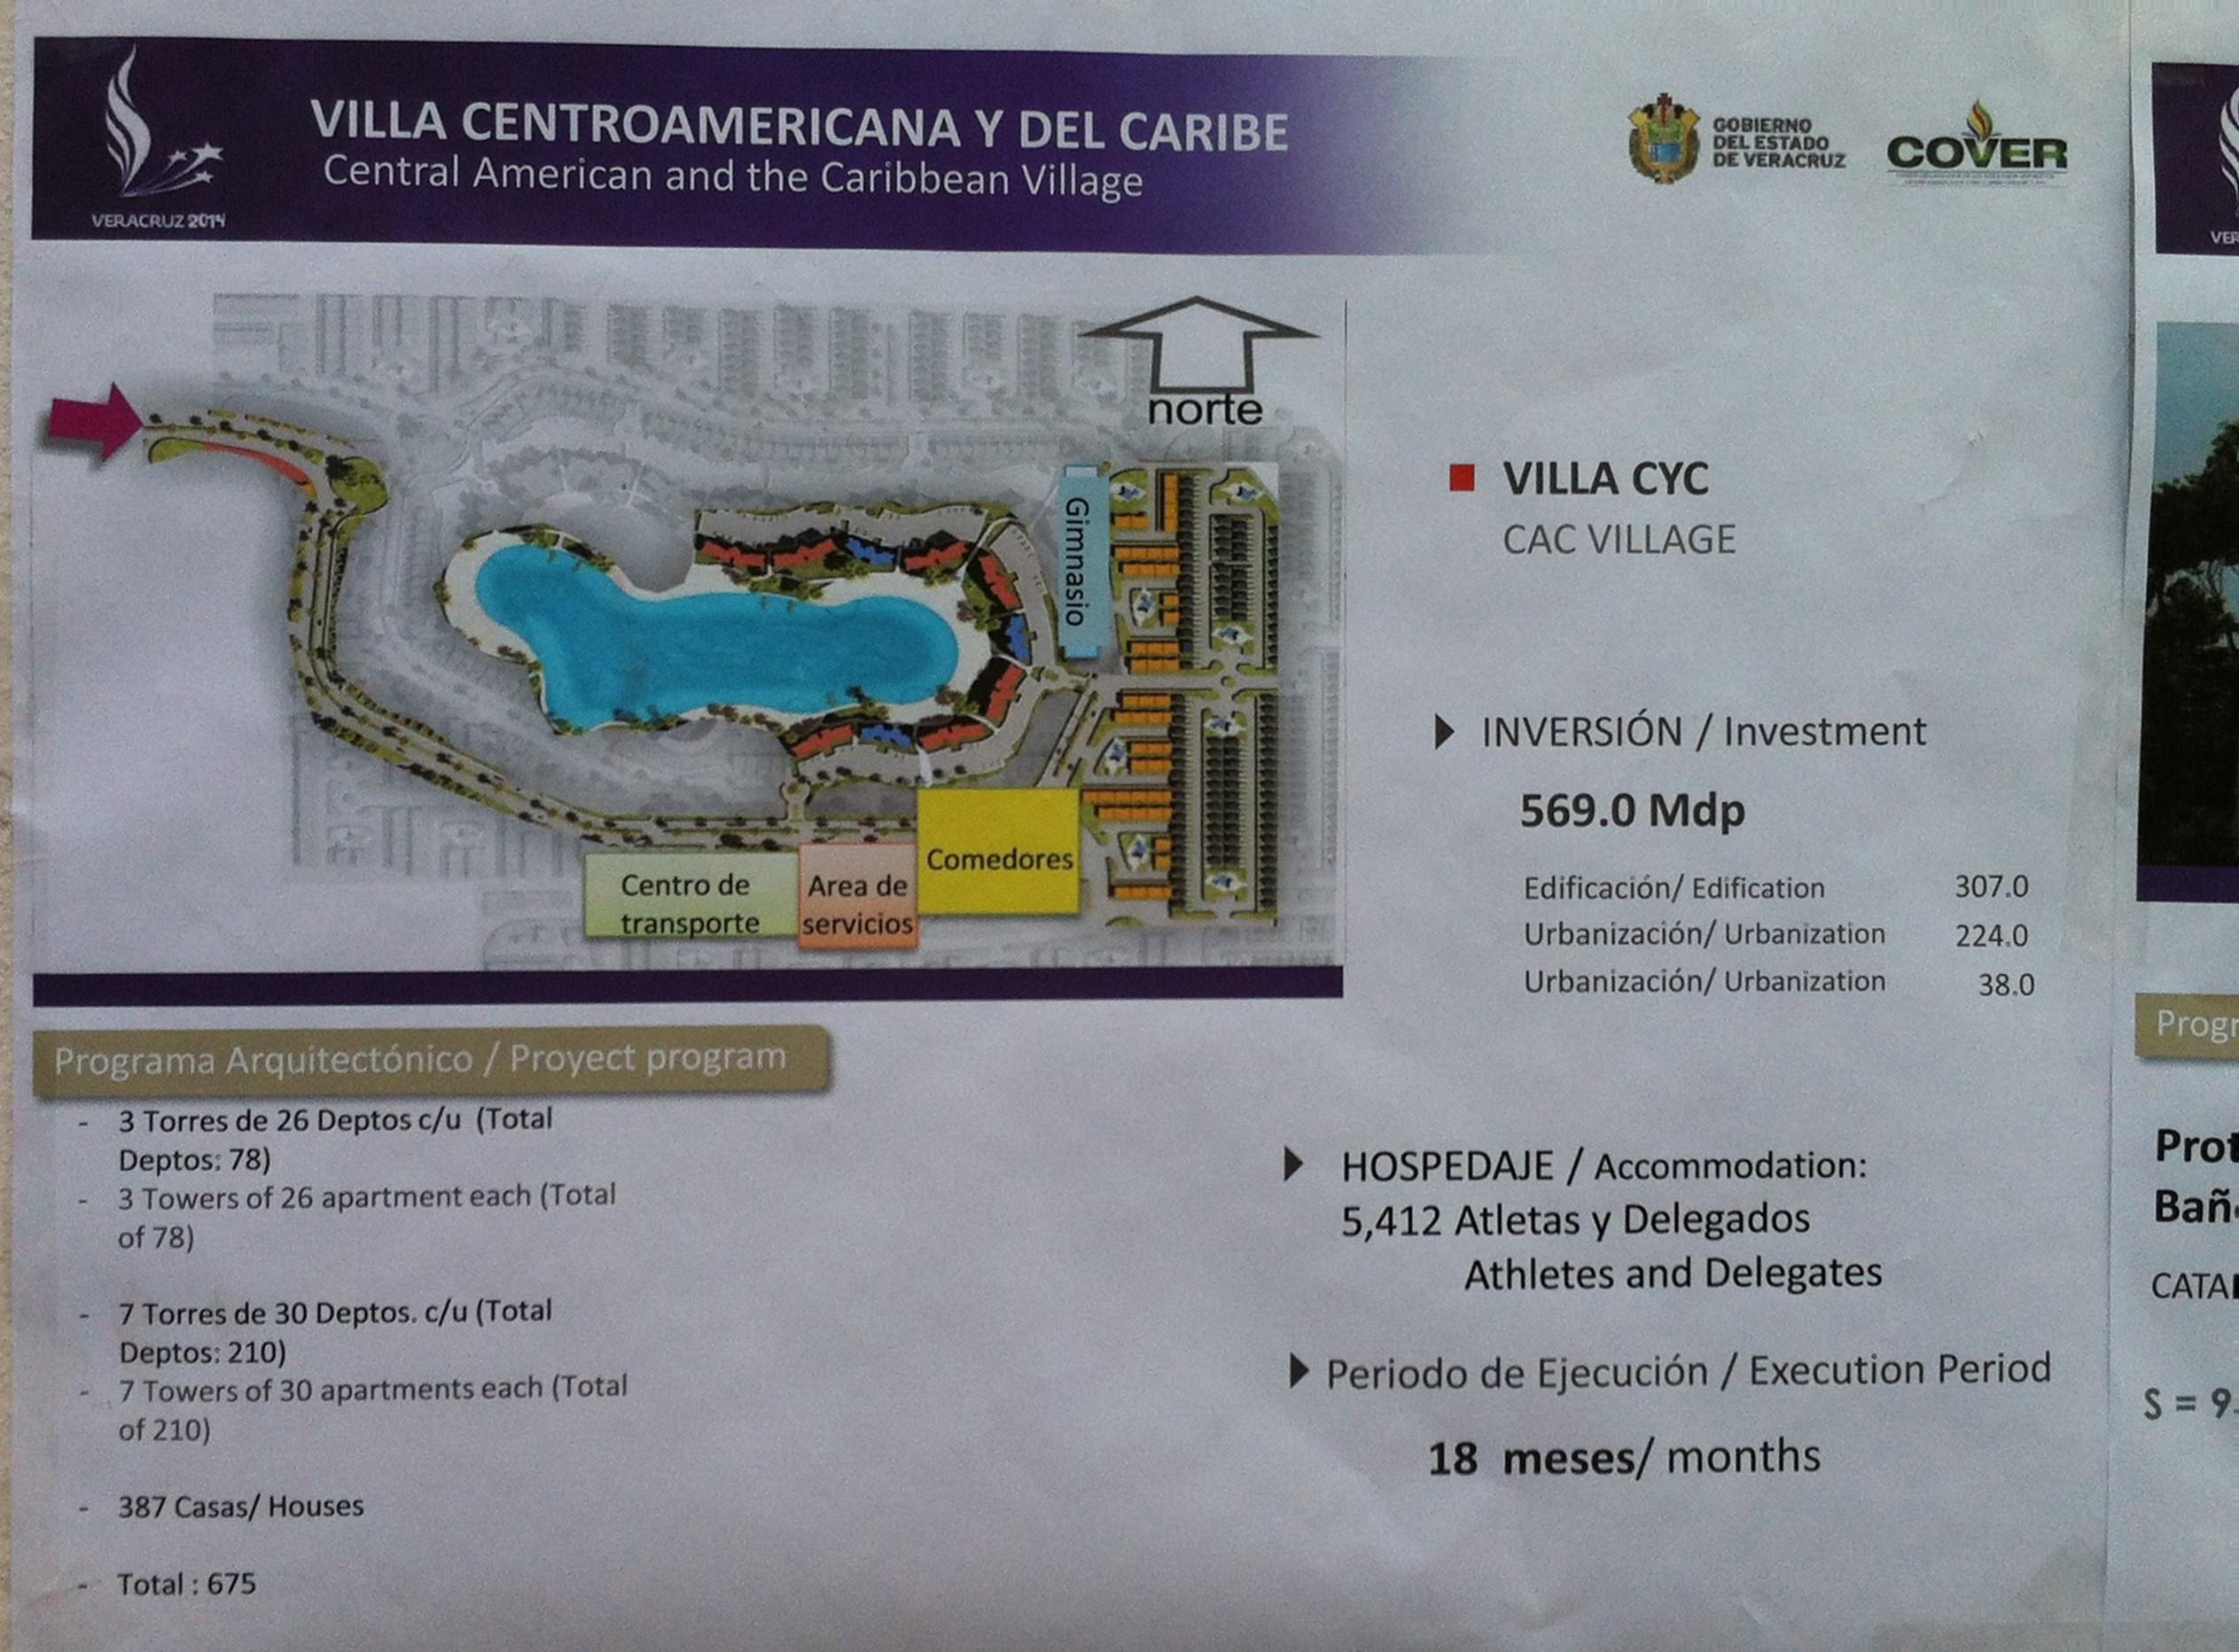 Fideicomiso de Juegos Centroamericanos, ejemplo de la corrupción que existía